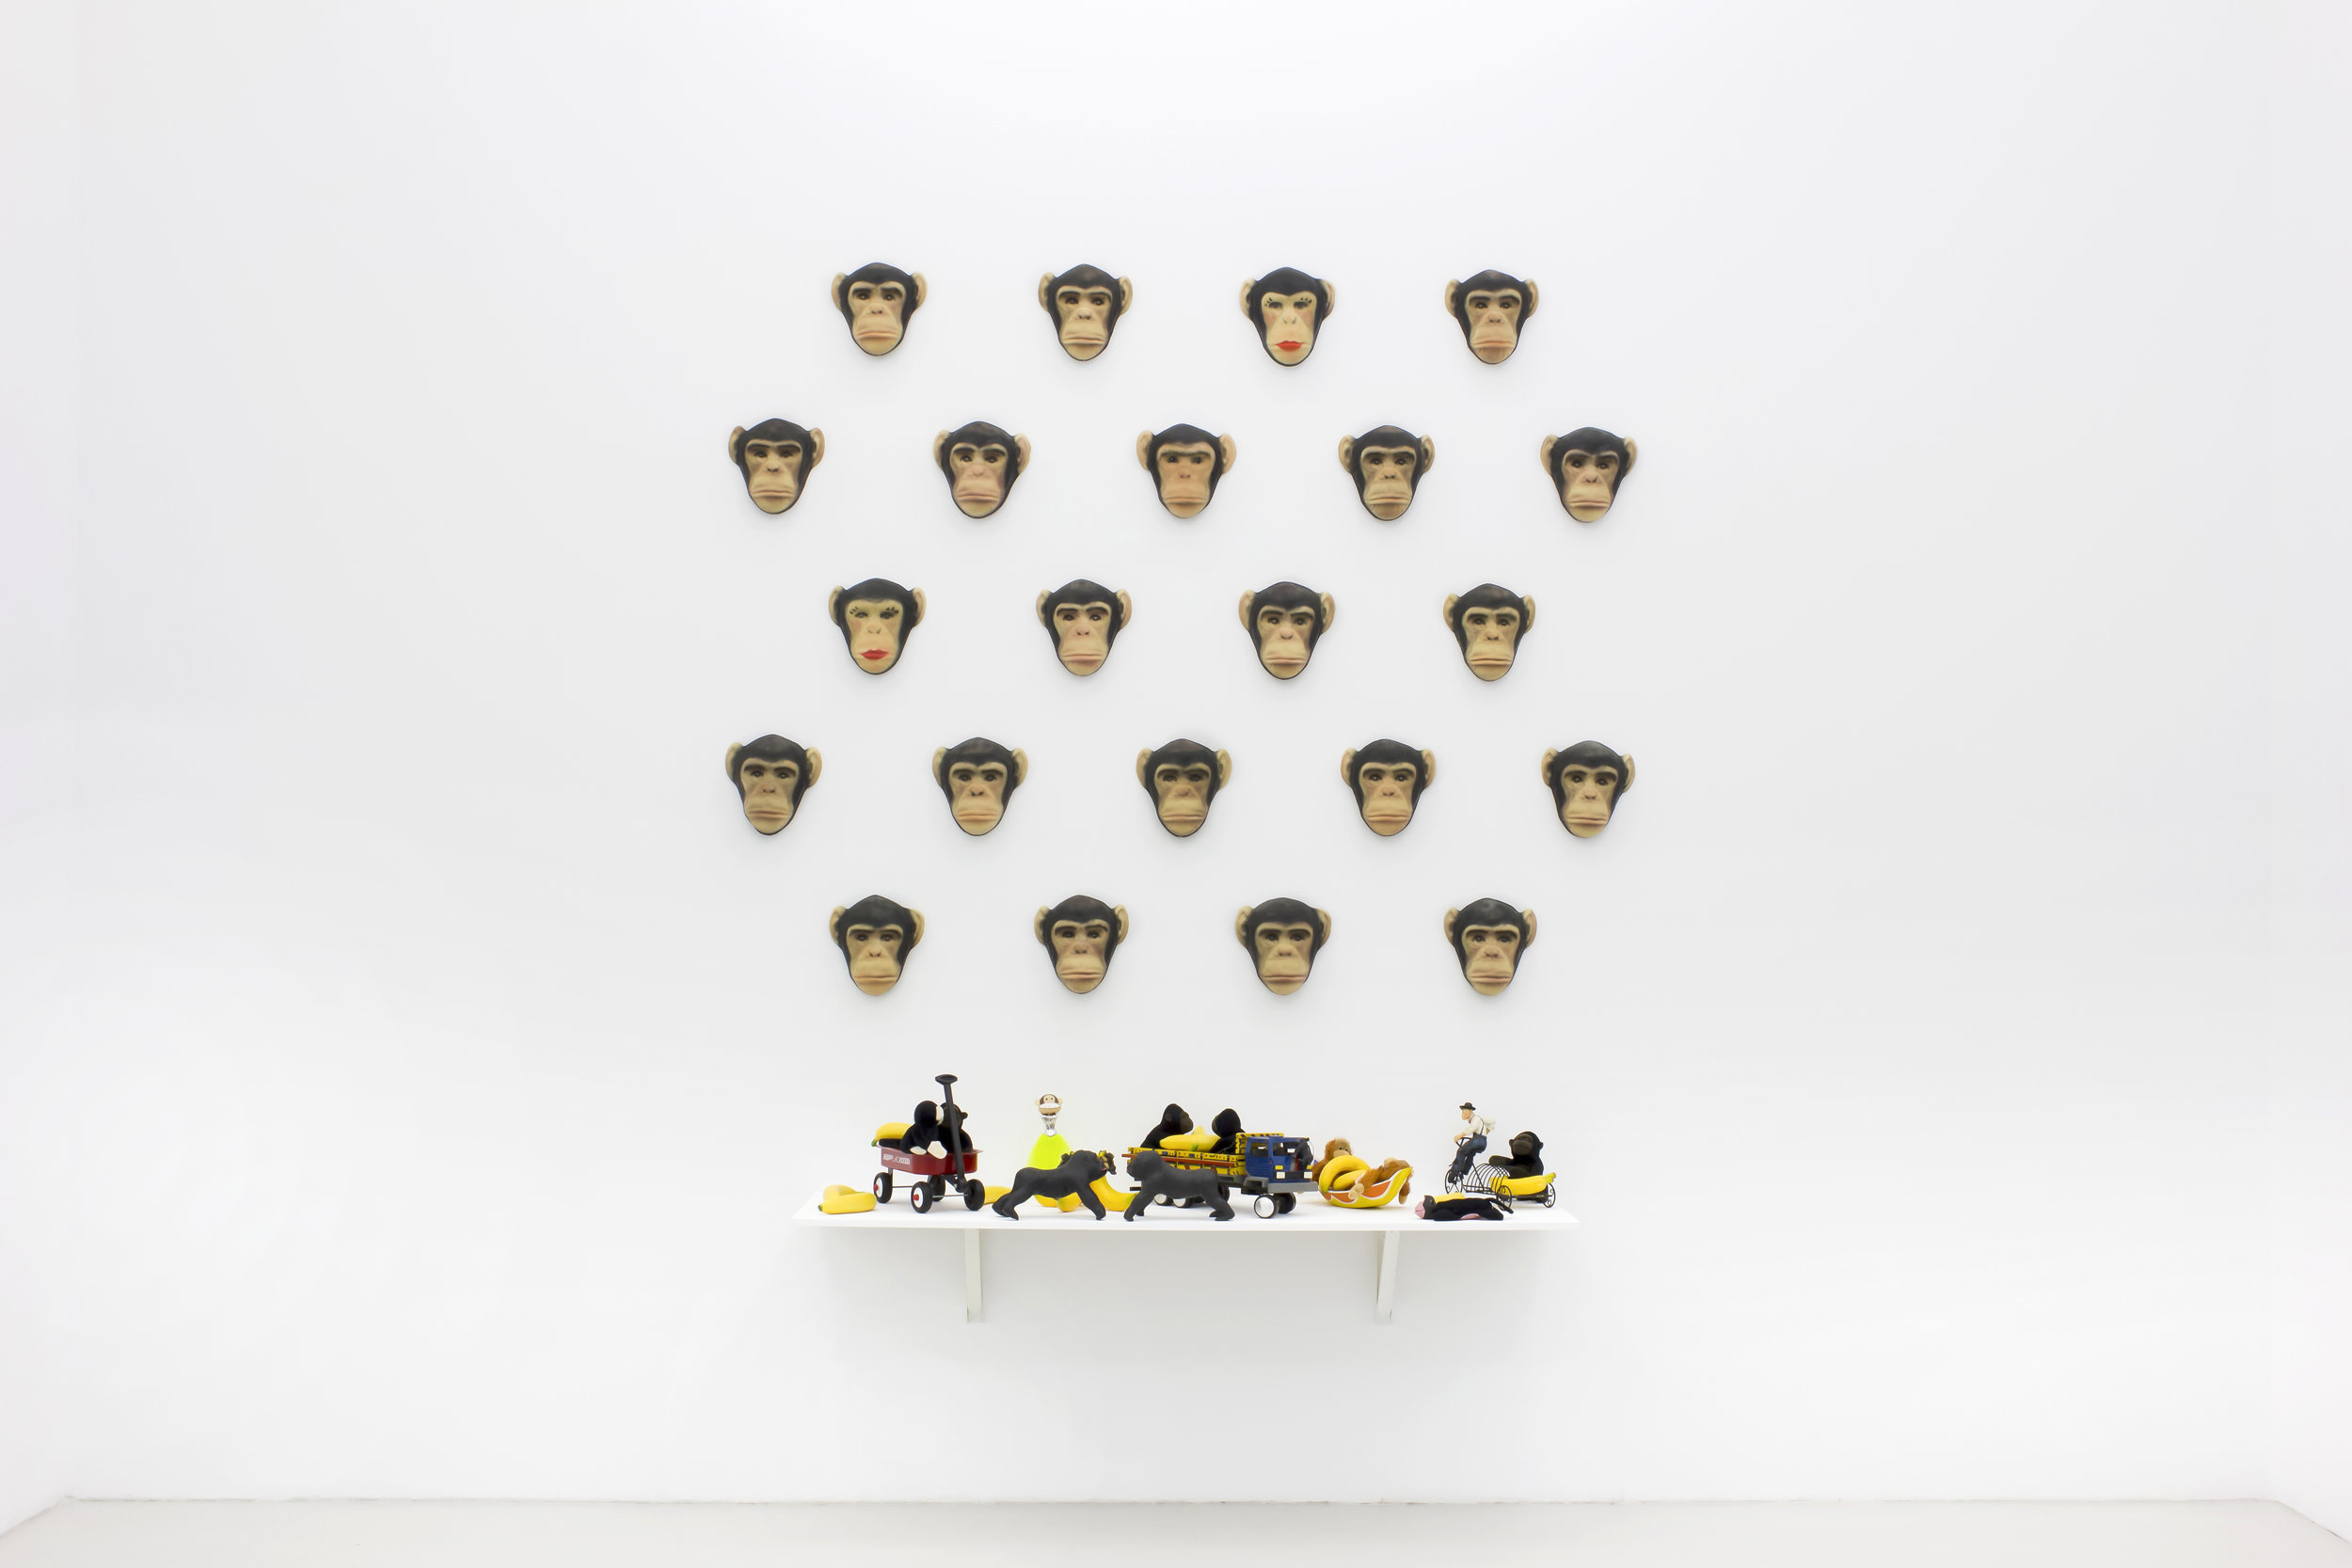 Nelson Leirner, Yes, nos temos bananas, 2005, Galeria Graça Brandao